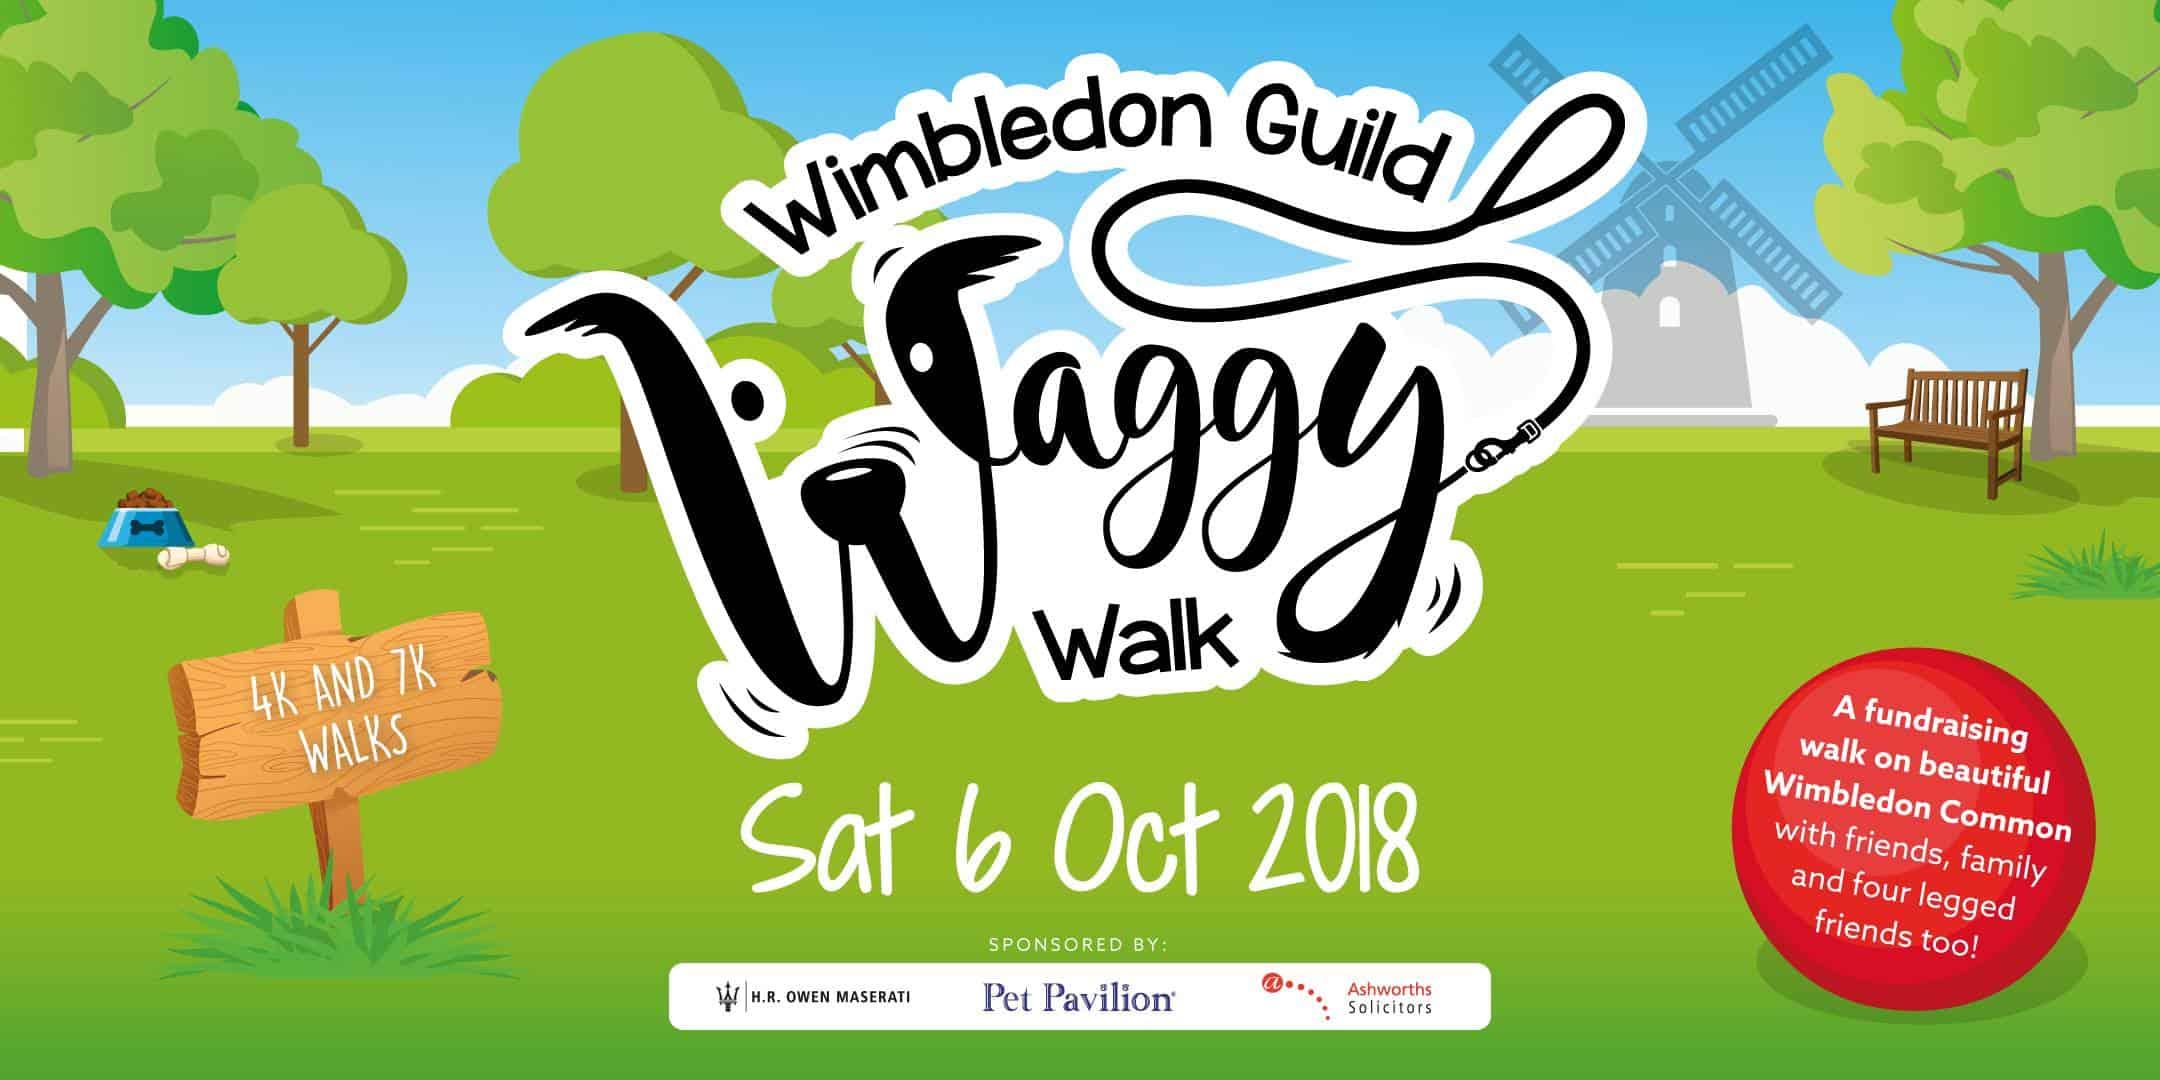 Wimbledon Guild Waggy Walk